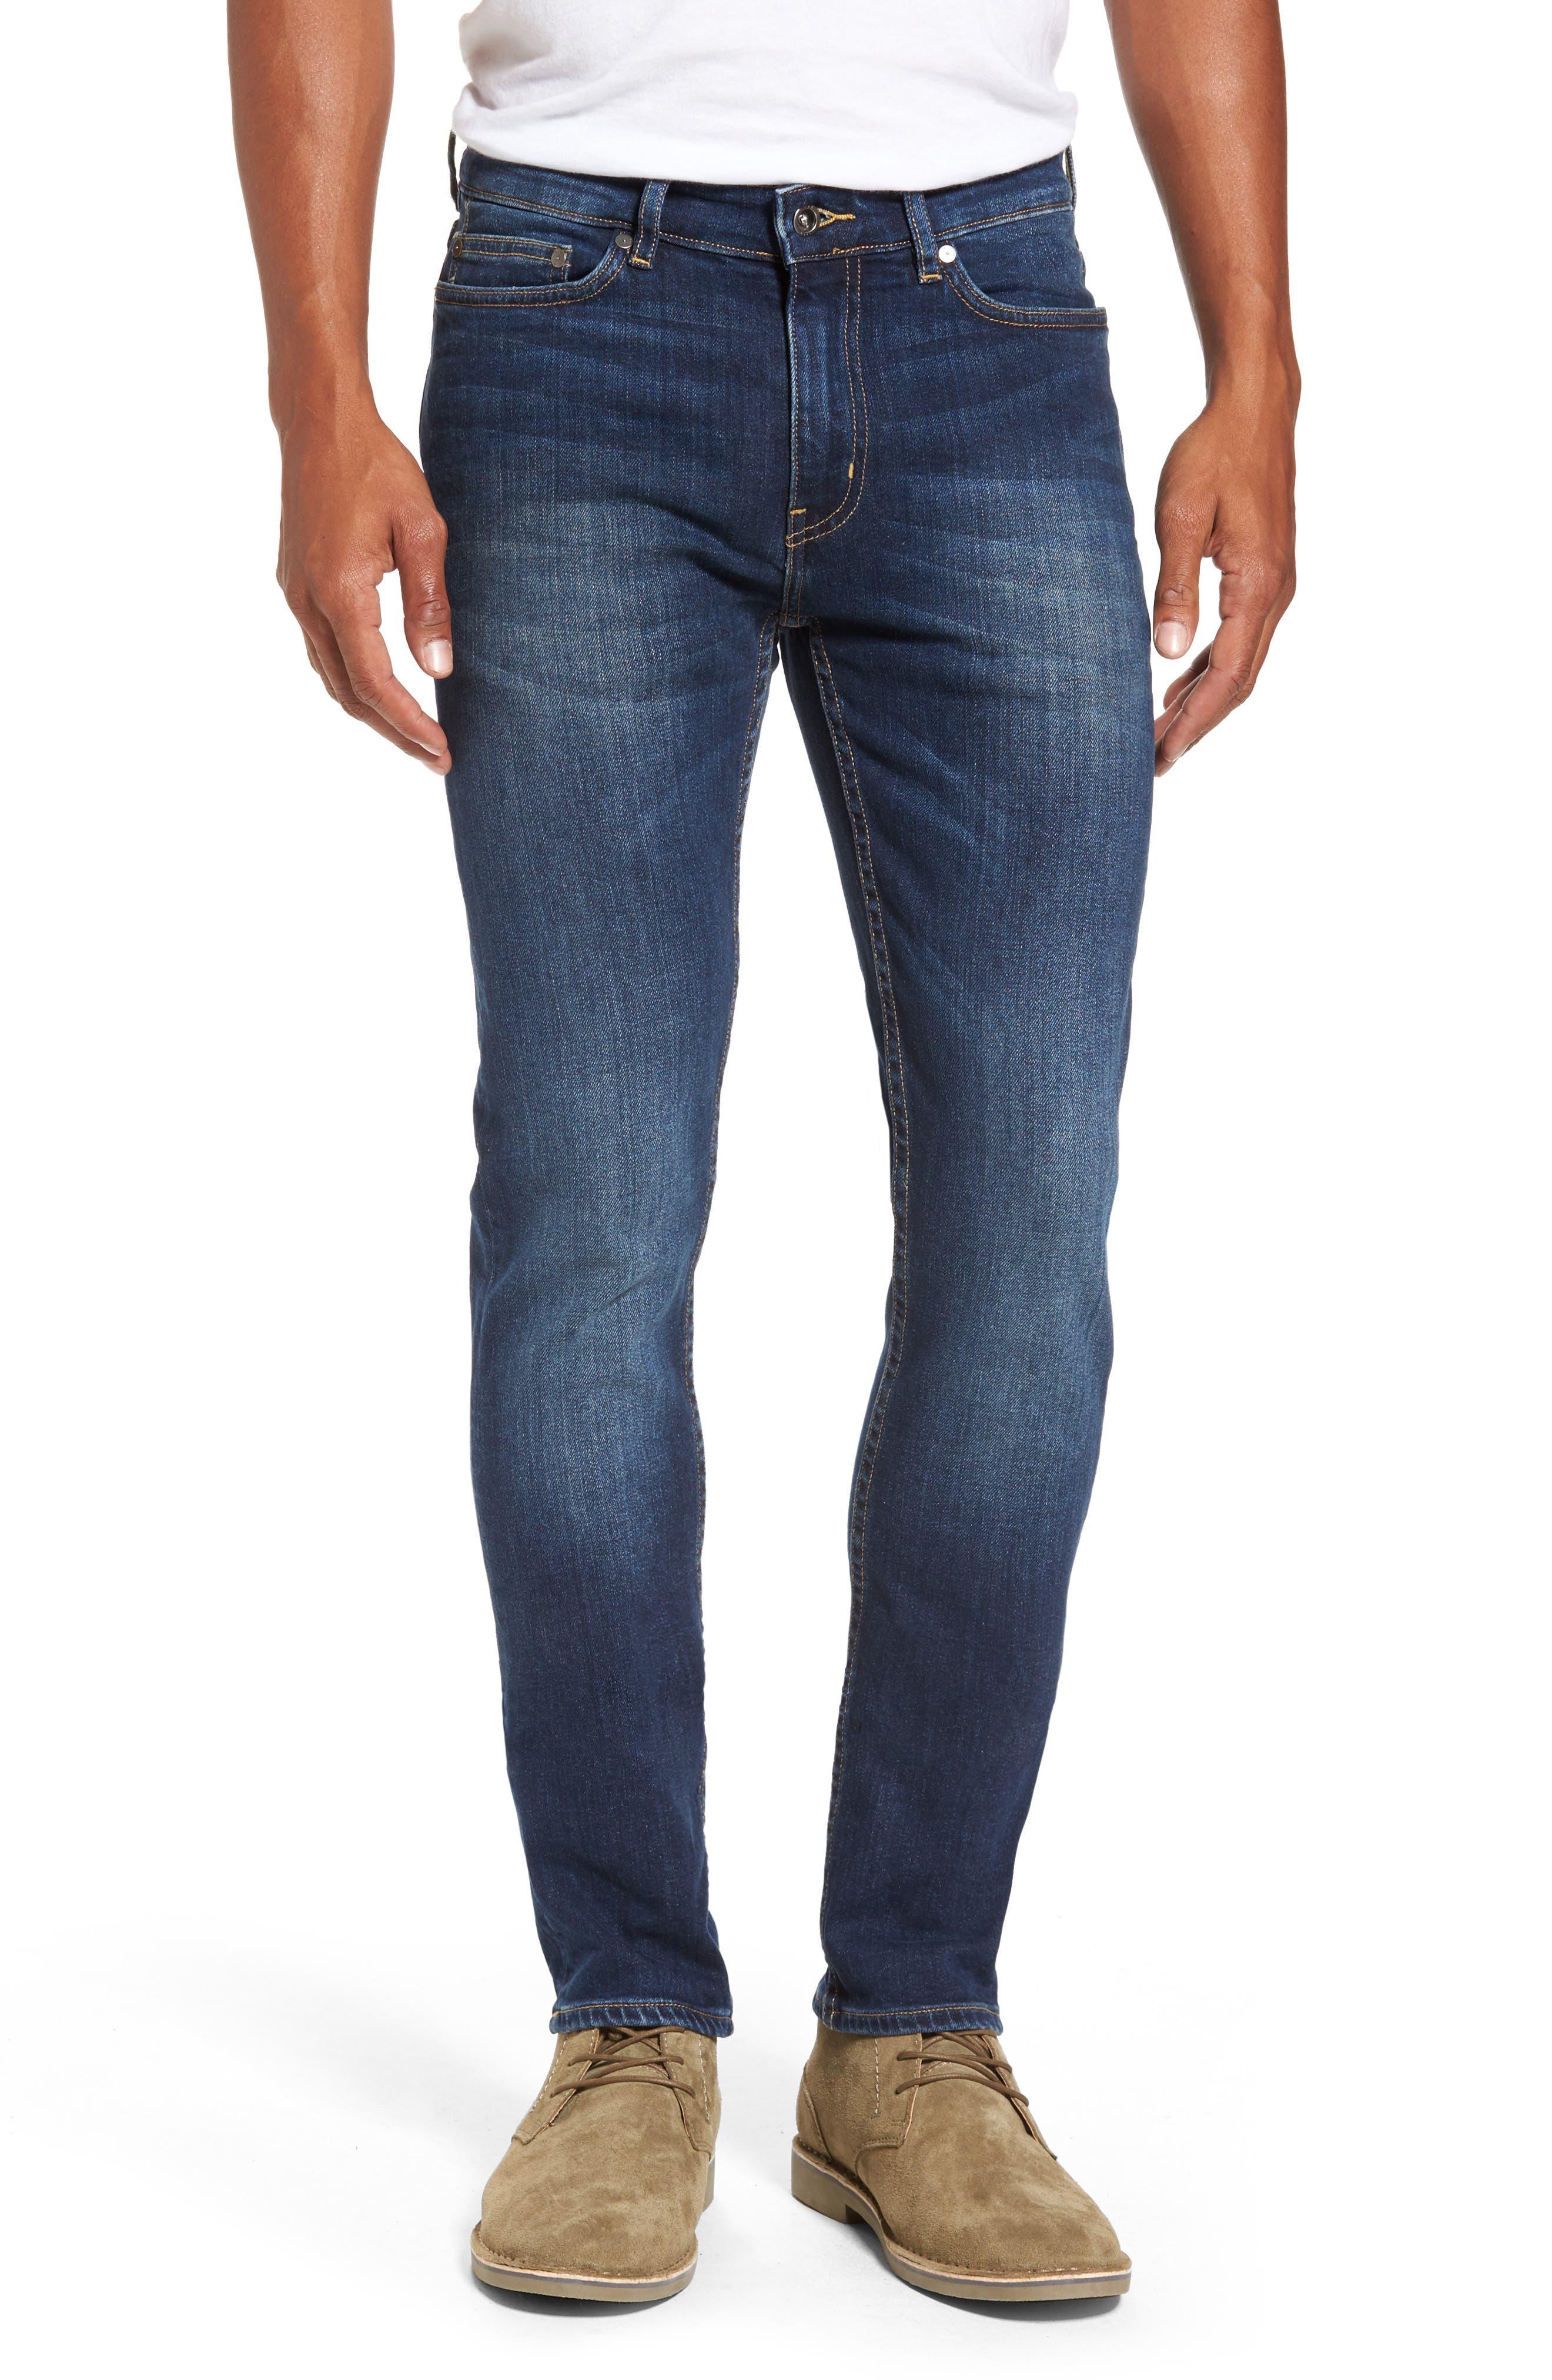 Derbyshire Slim Fit Jeans,                         Main,                         color, DENIM